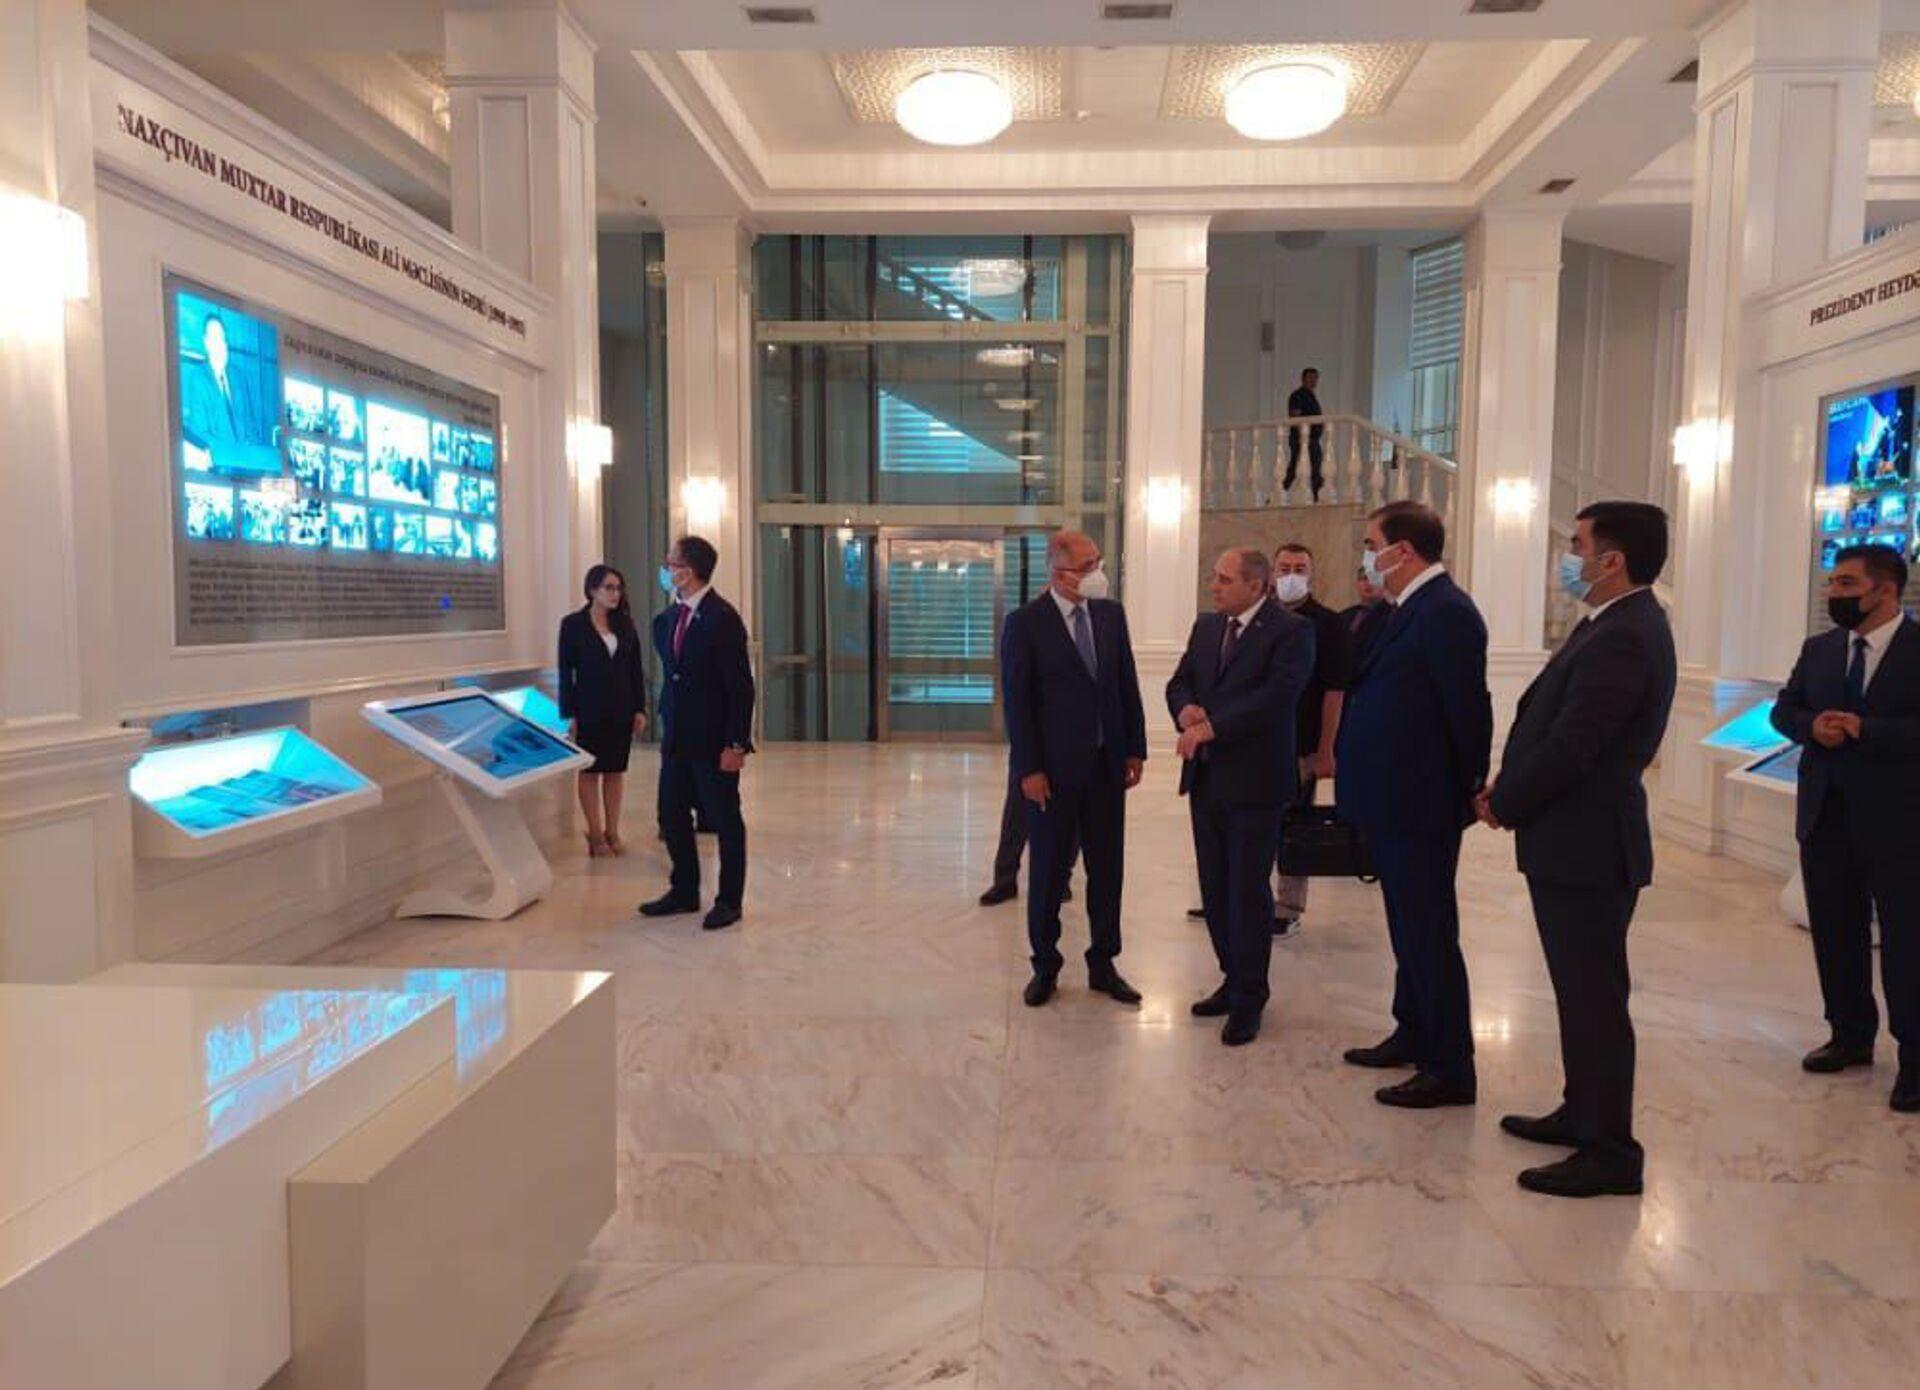 Правящие партии Азербайджана и Турции посовещались в Гяндже - Sputnik Азербайджан, 1920, 28.07.2021